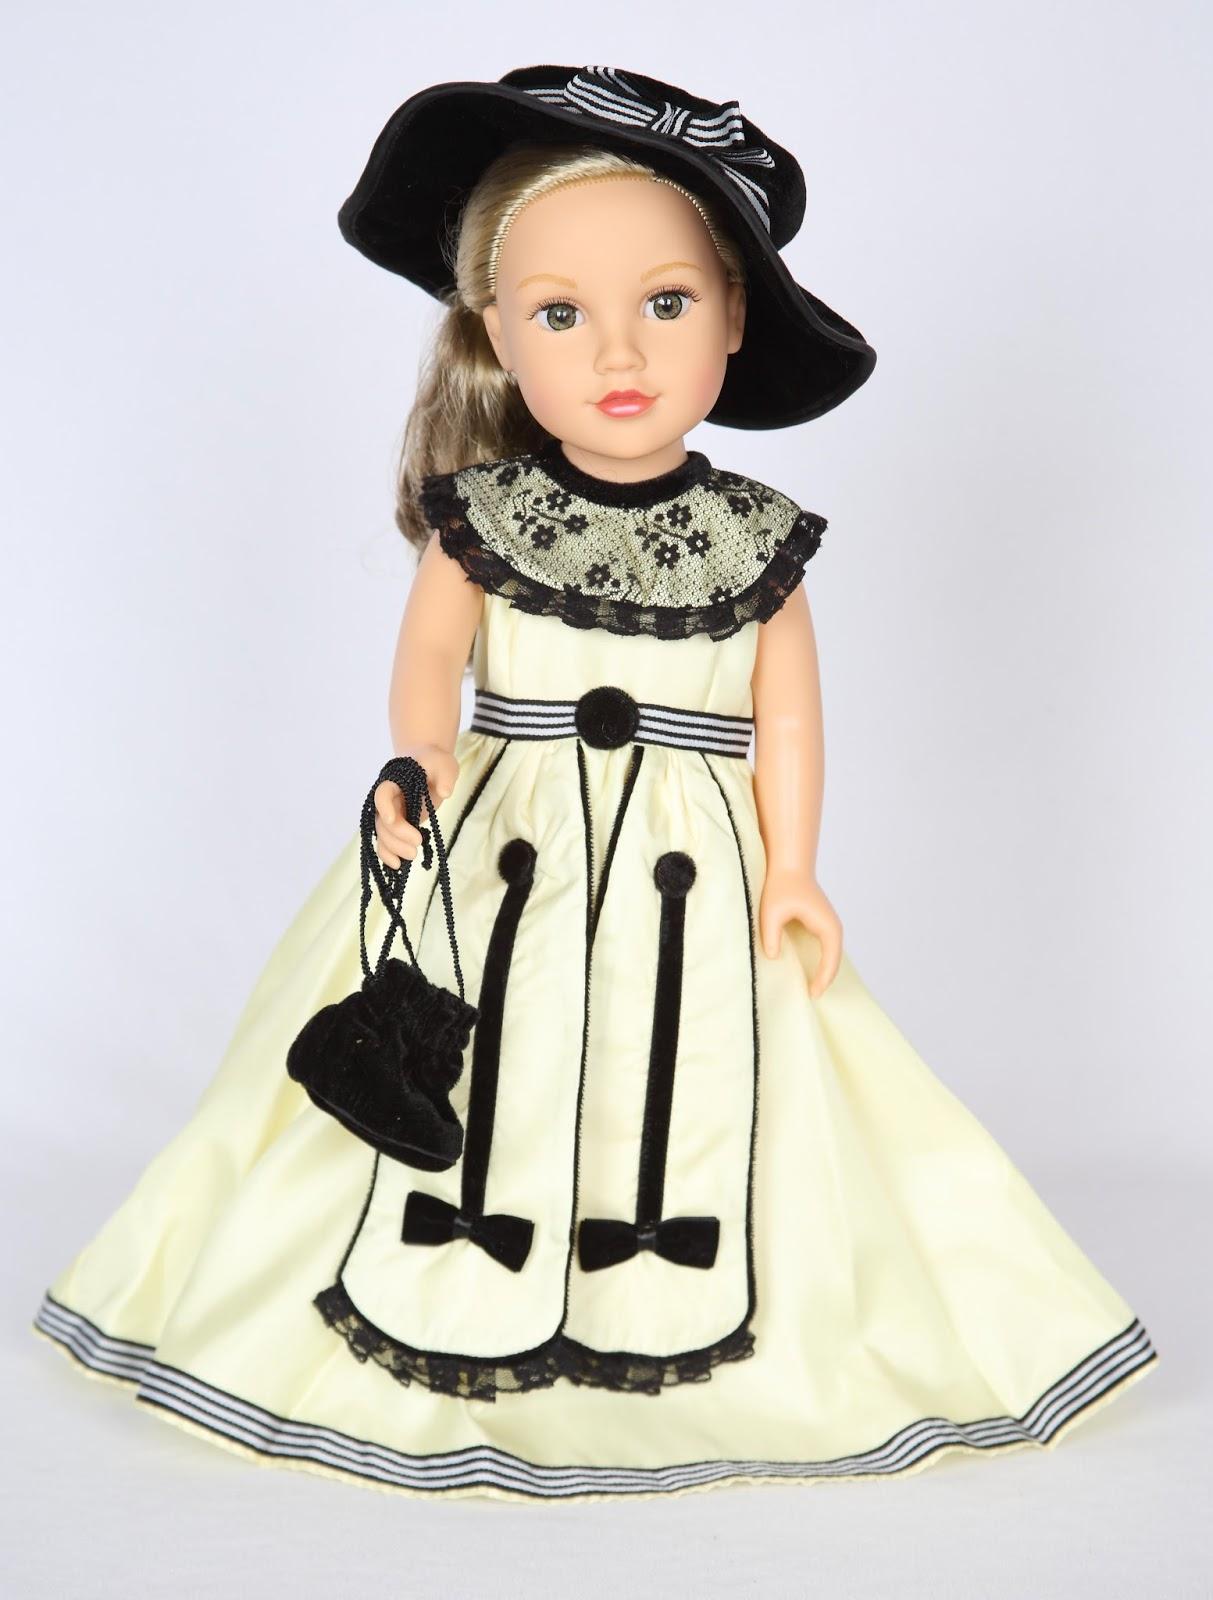 My Journey Girls Dolls Adventures: The Queen\'s Treasures Ball Gown